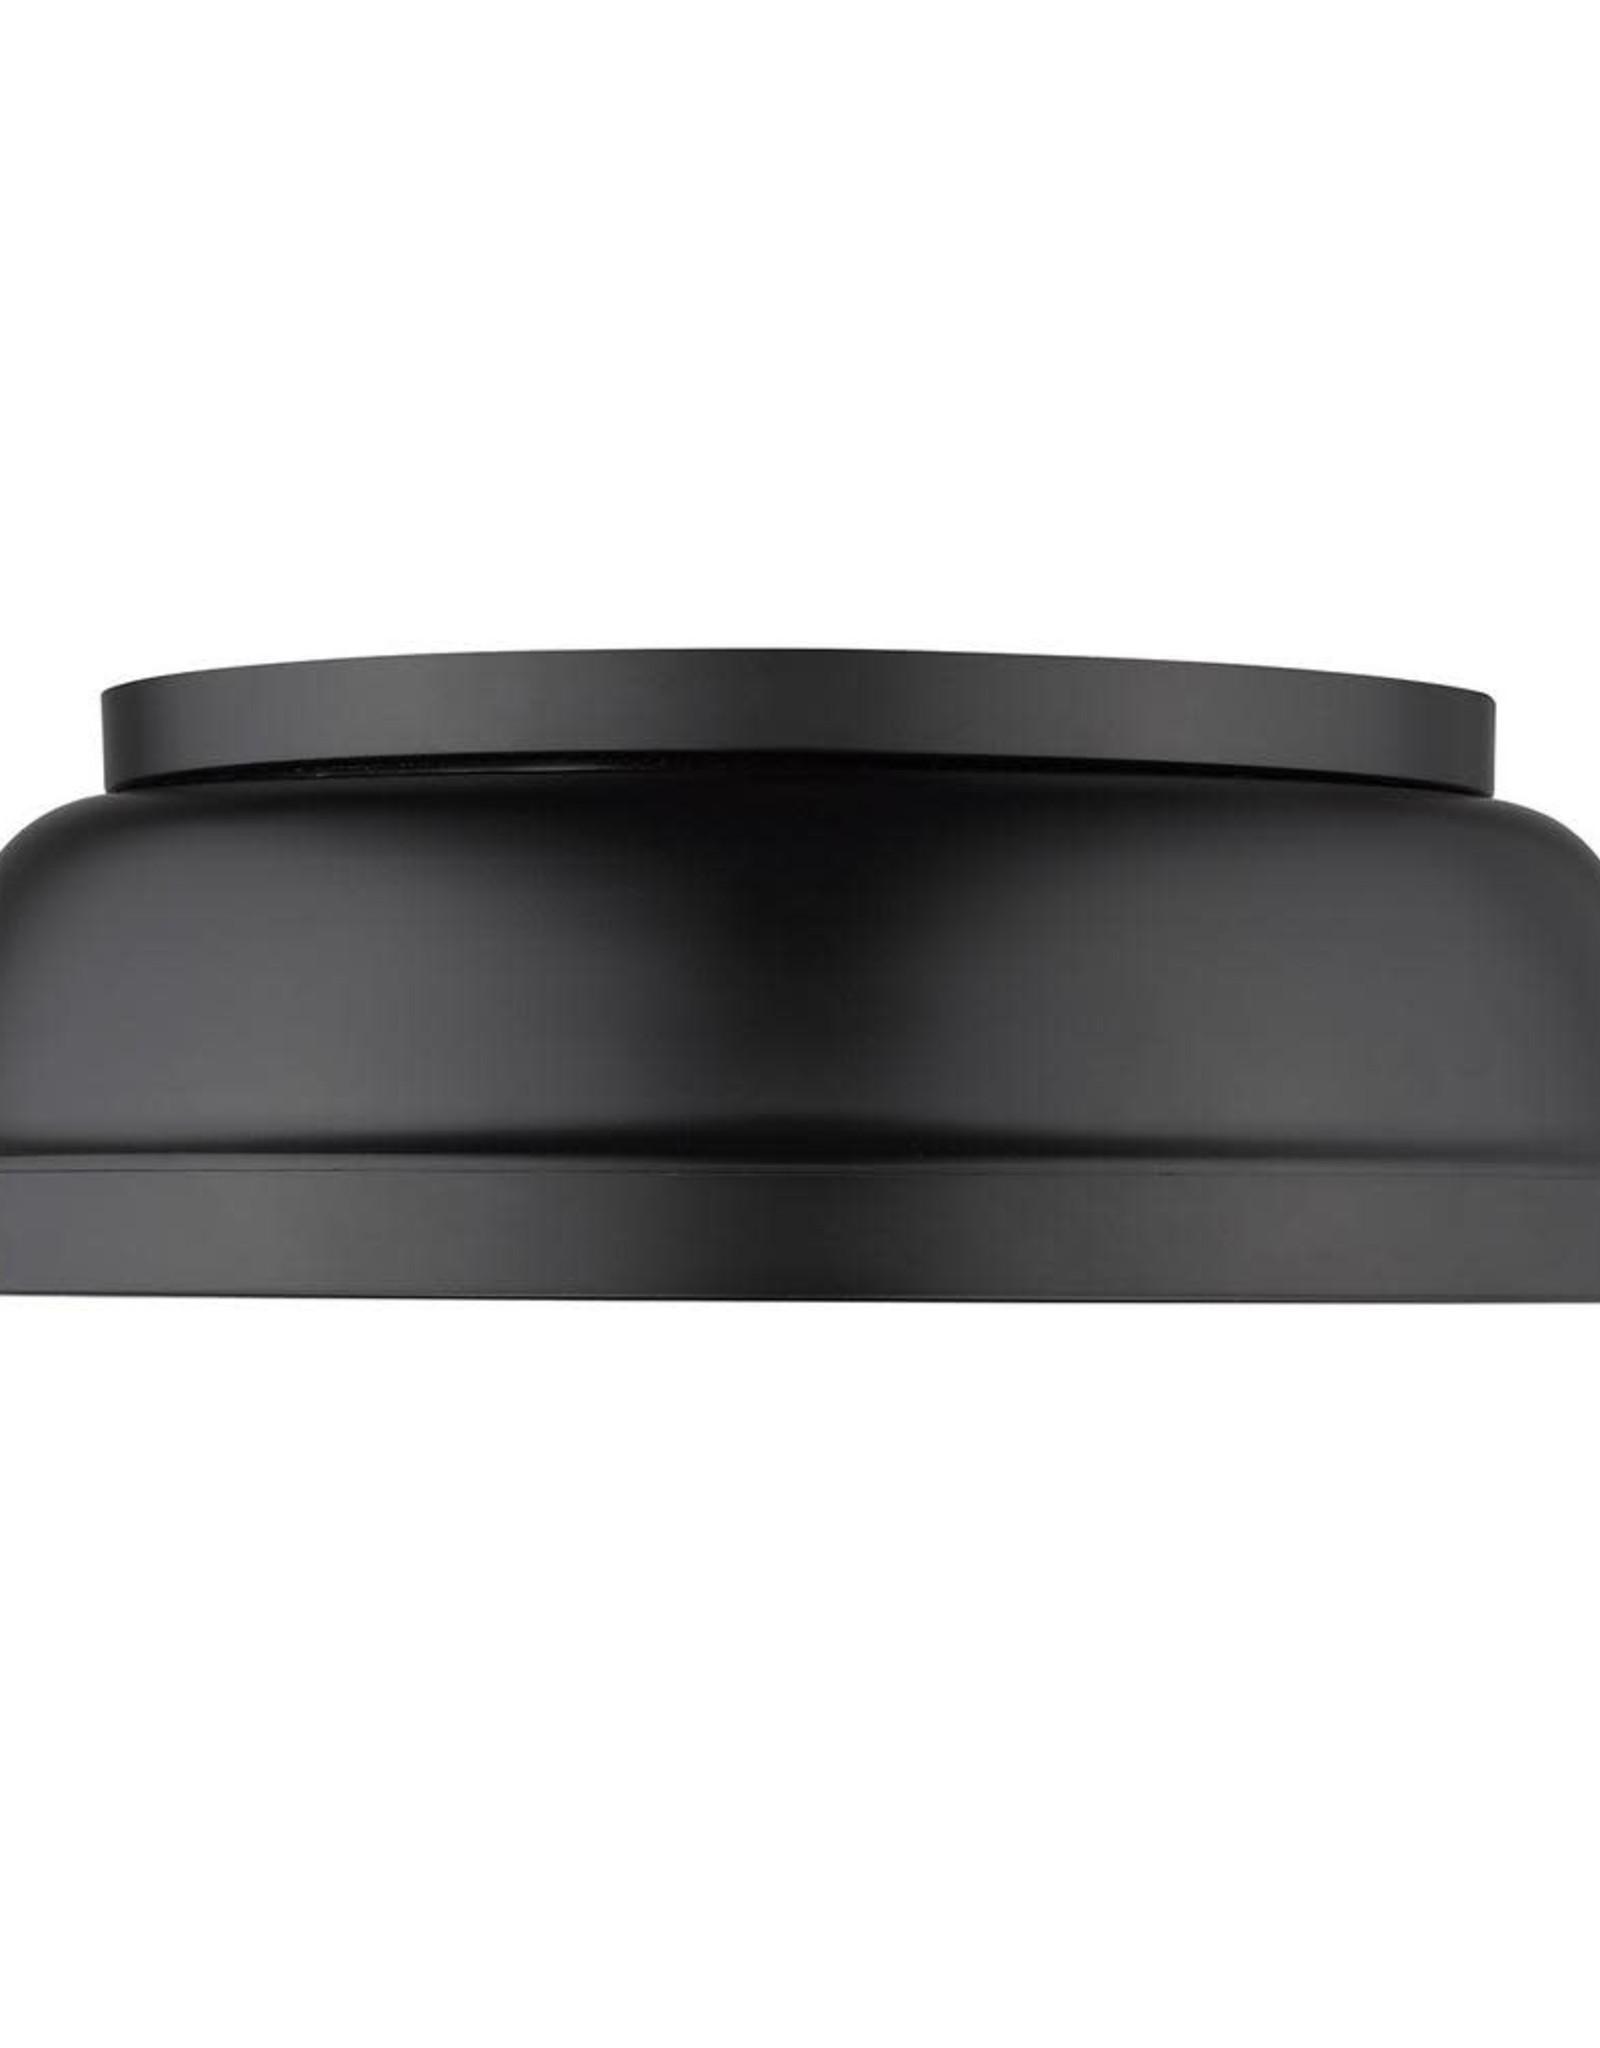 Golden Lighting Duncan 2-Light Black Flush Mount with Matte Black Shade